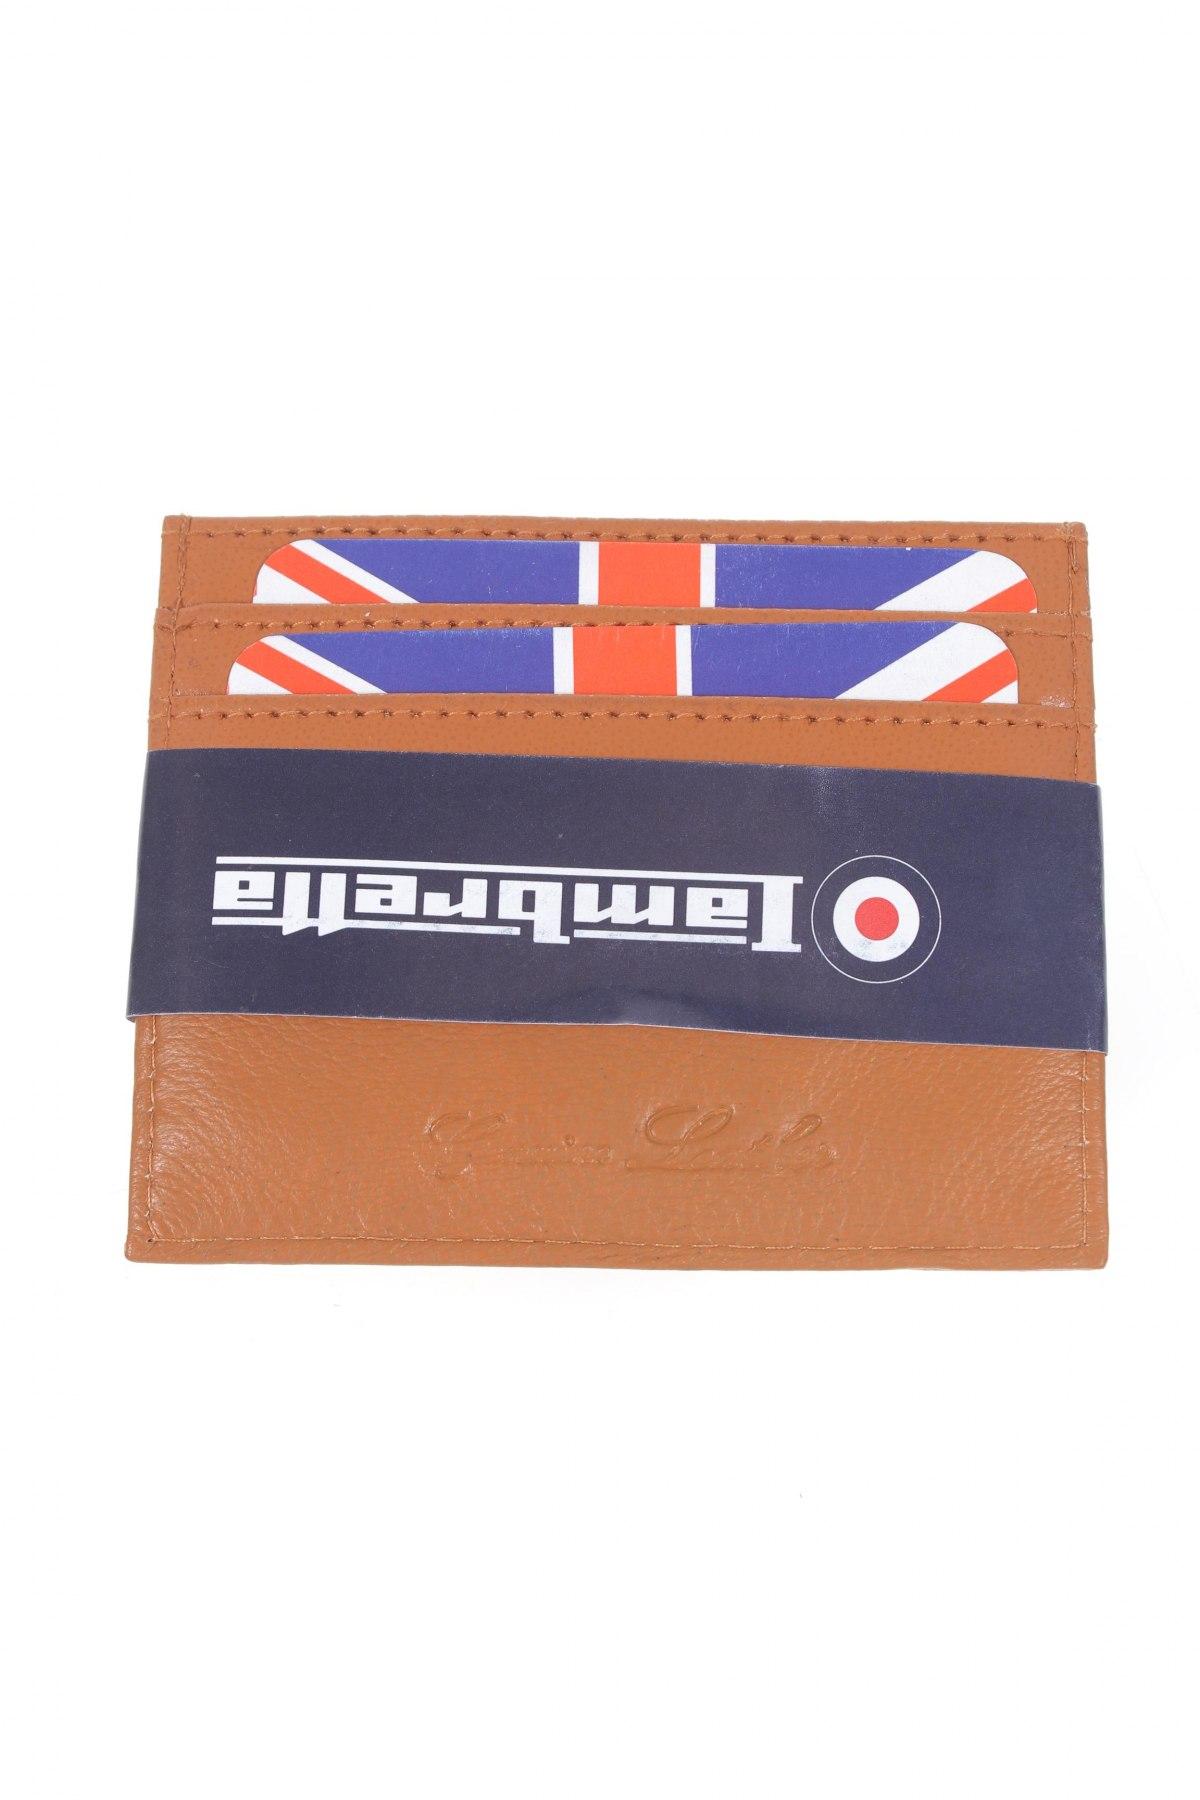 Πορτοφόλι επαγγελματικών καρτών Lambrella